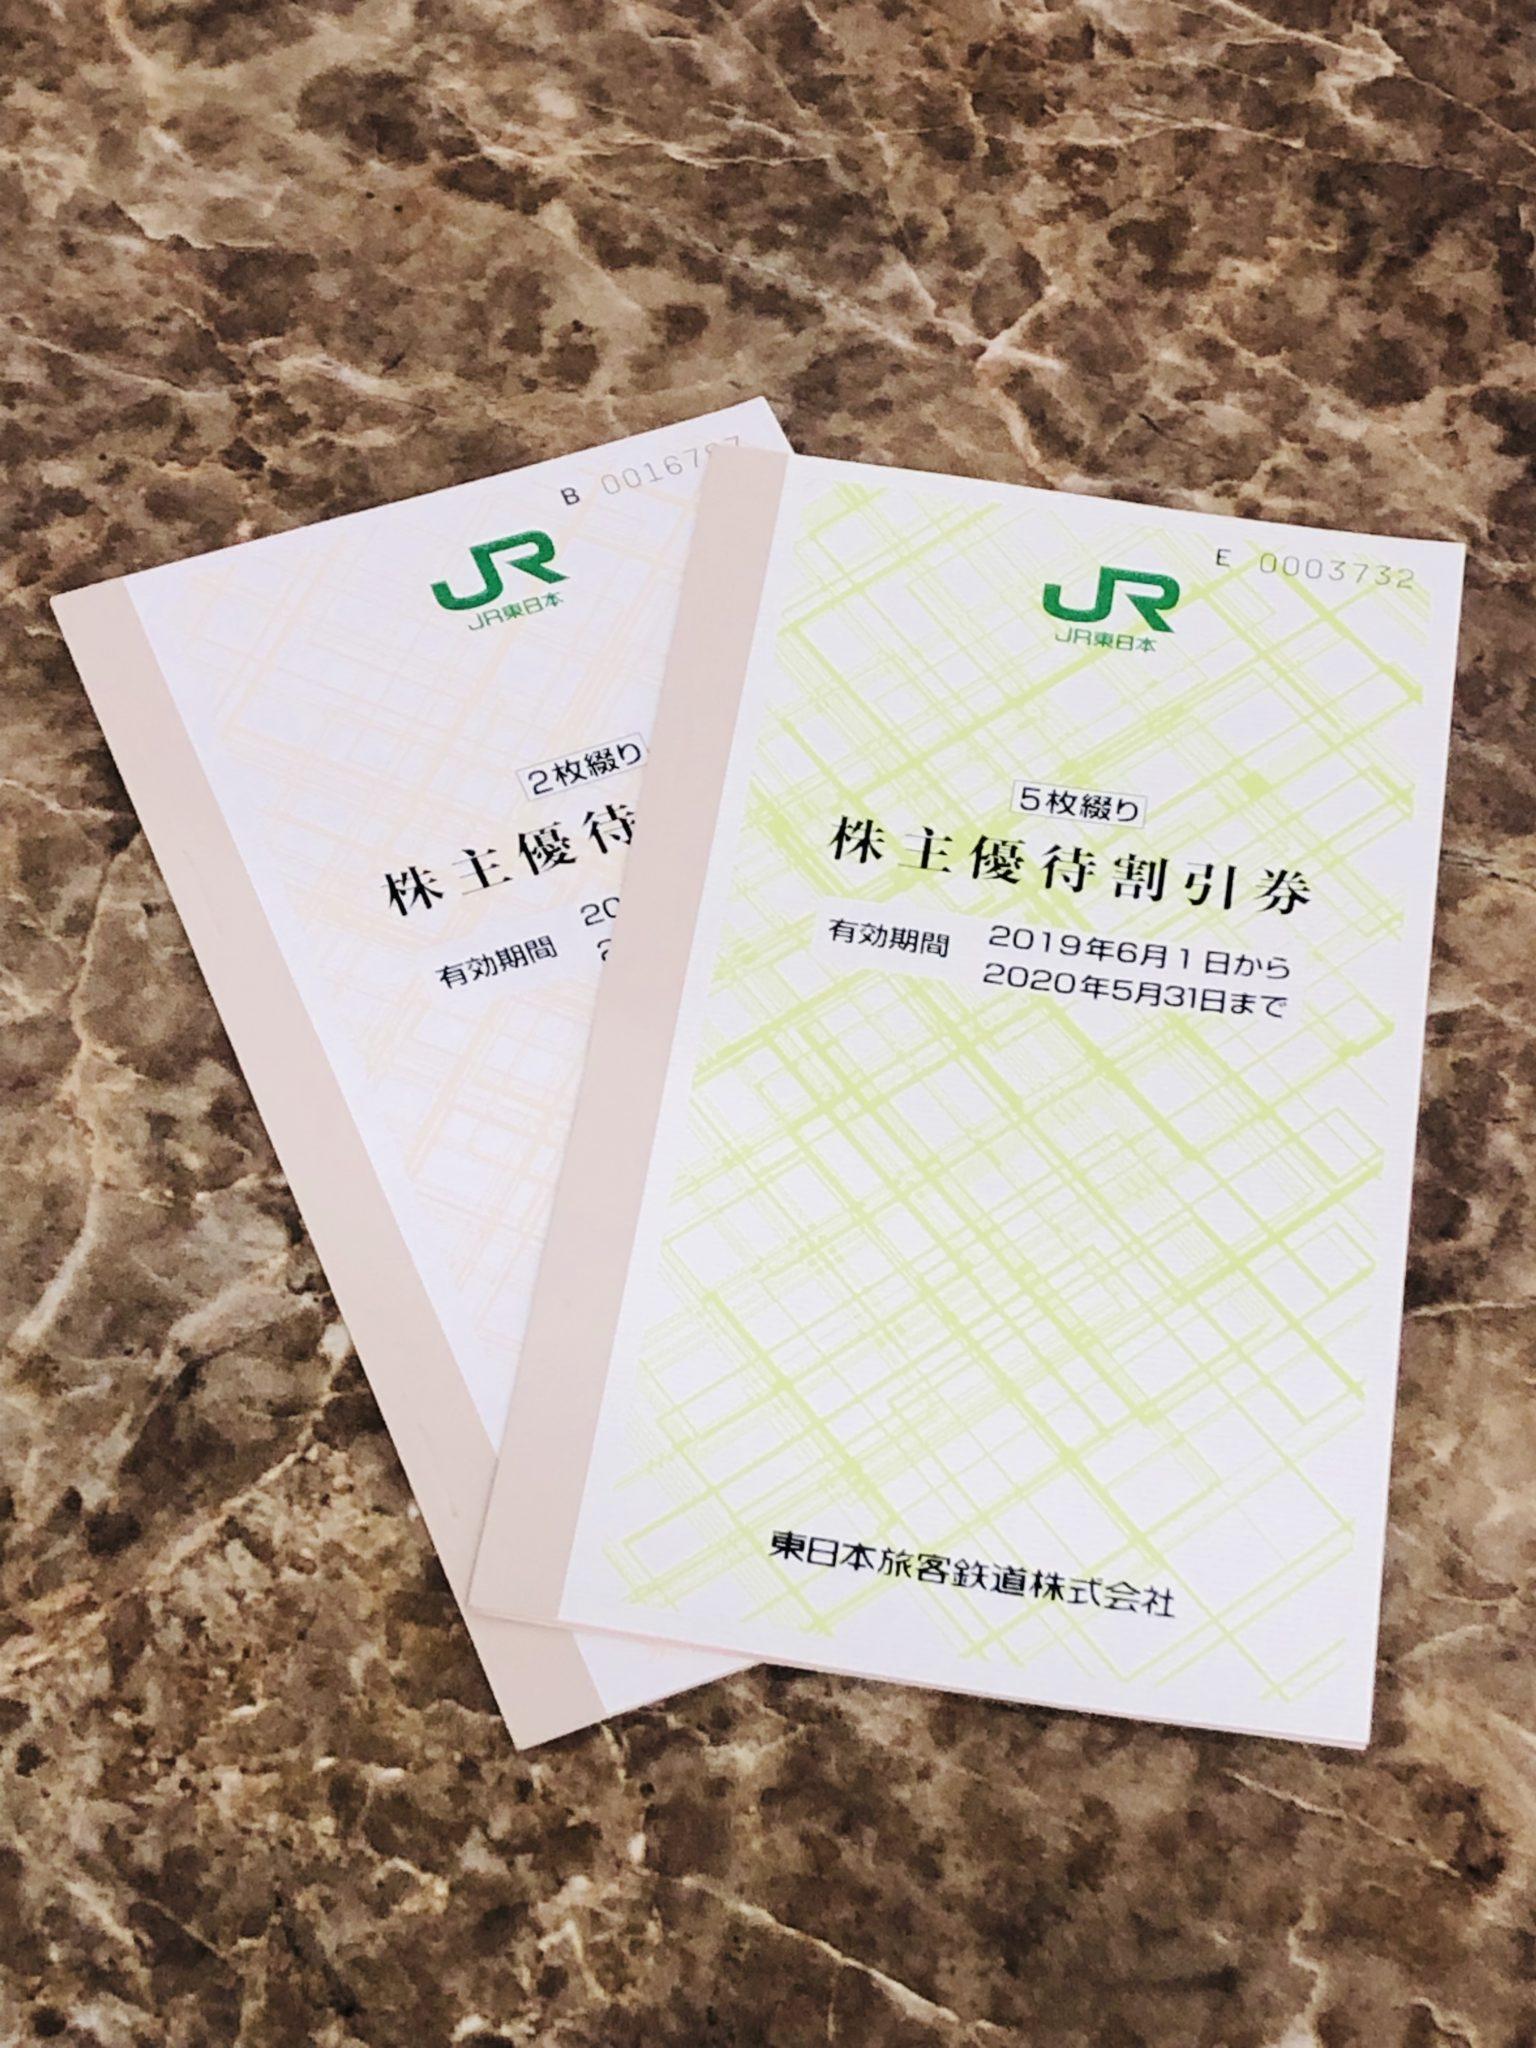 【金券 商品券 JR東日本株主優待割引券 】盛岡市のお客様から買取させていただきました!